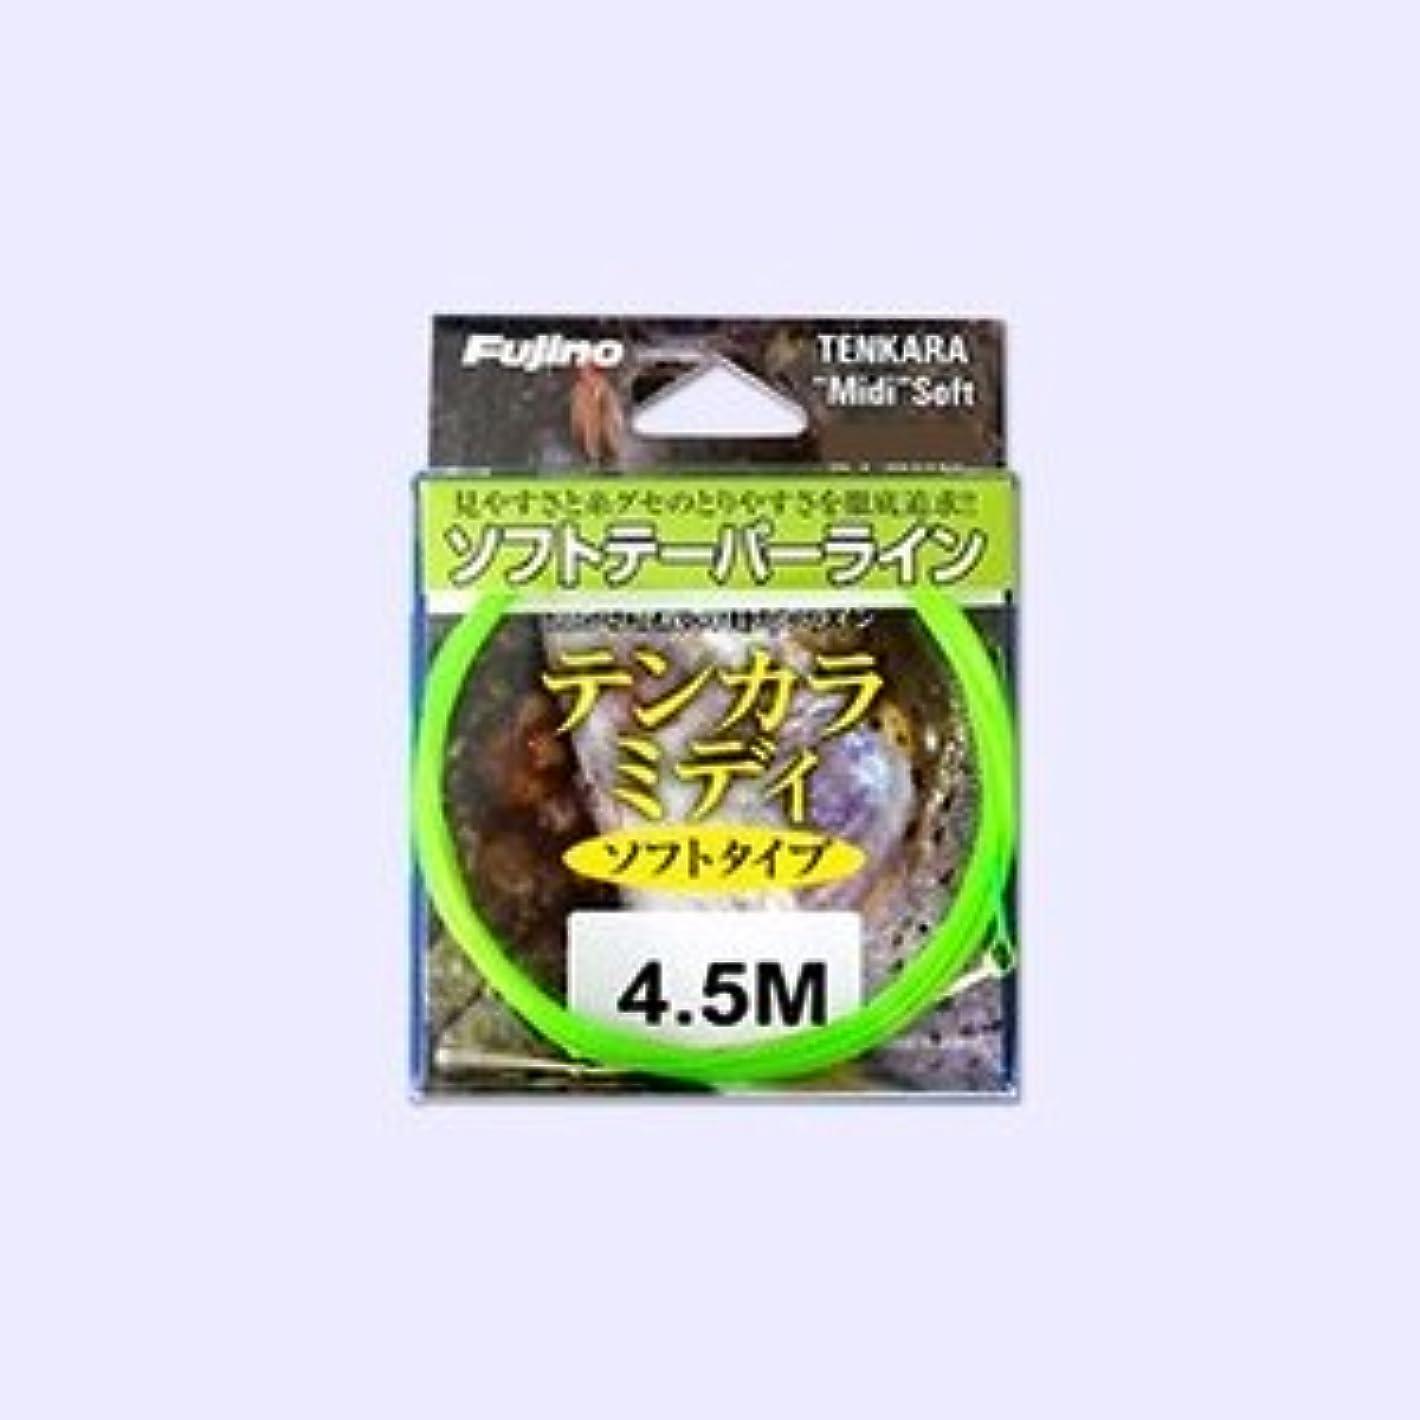 環境に優しい歴史家拒絶するFujino(フジノ) テンカラライン テンカラミディ ソフトタイプ ナイロン 4.5m グリーン K-20S